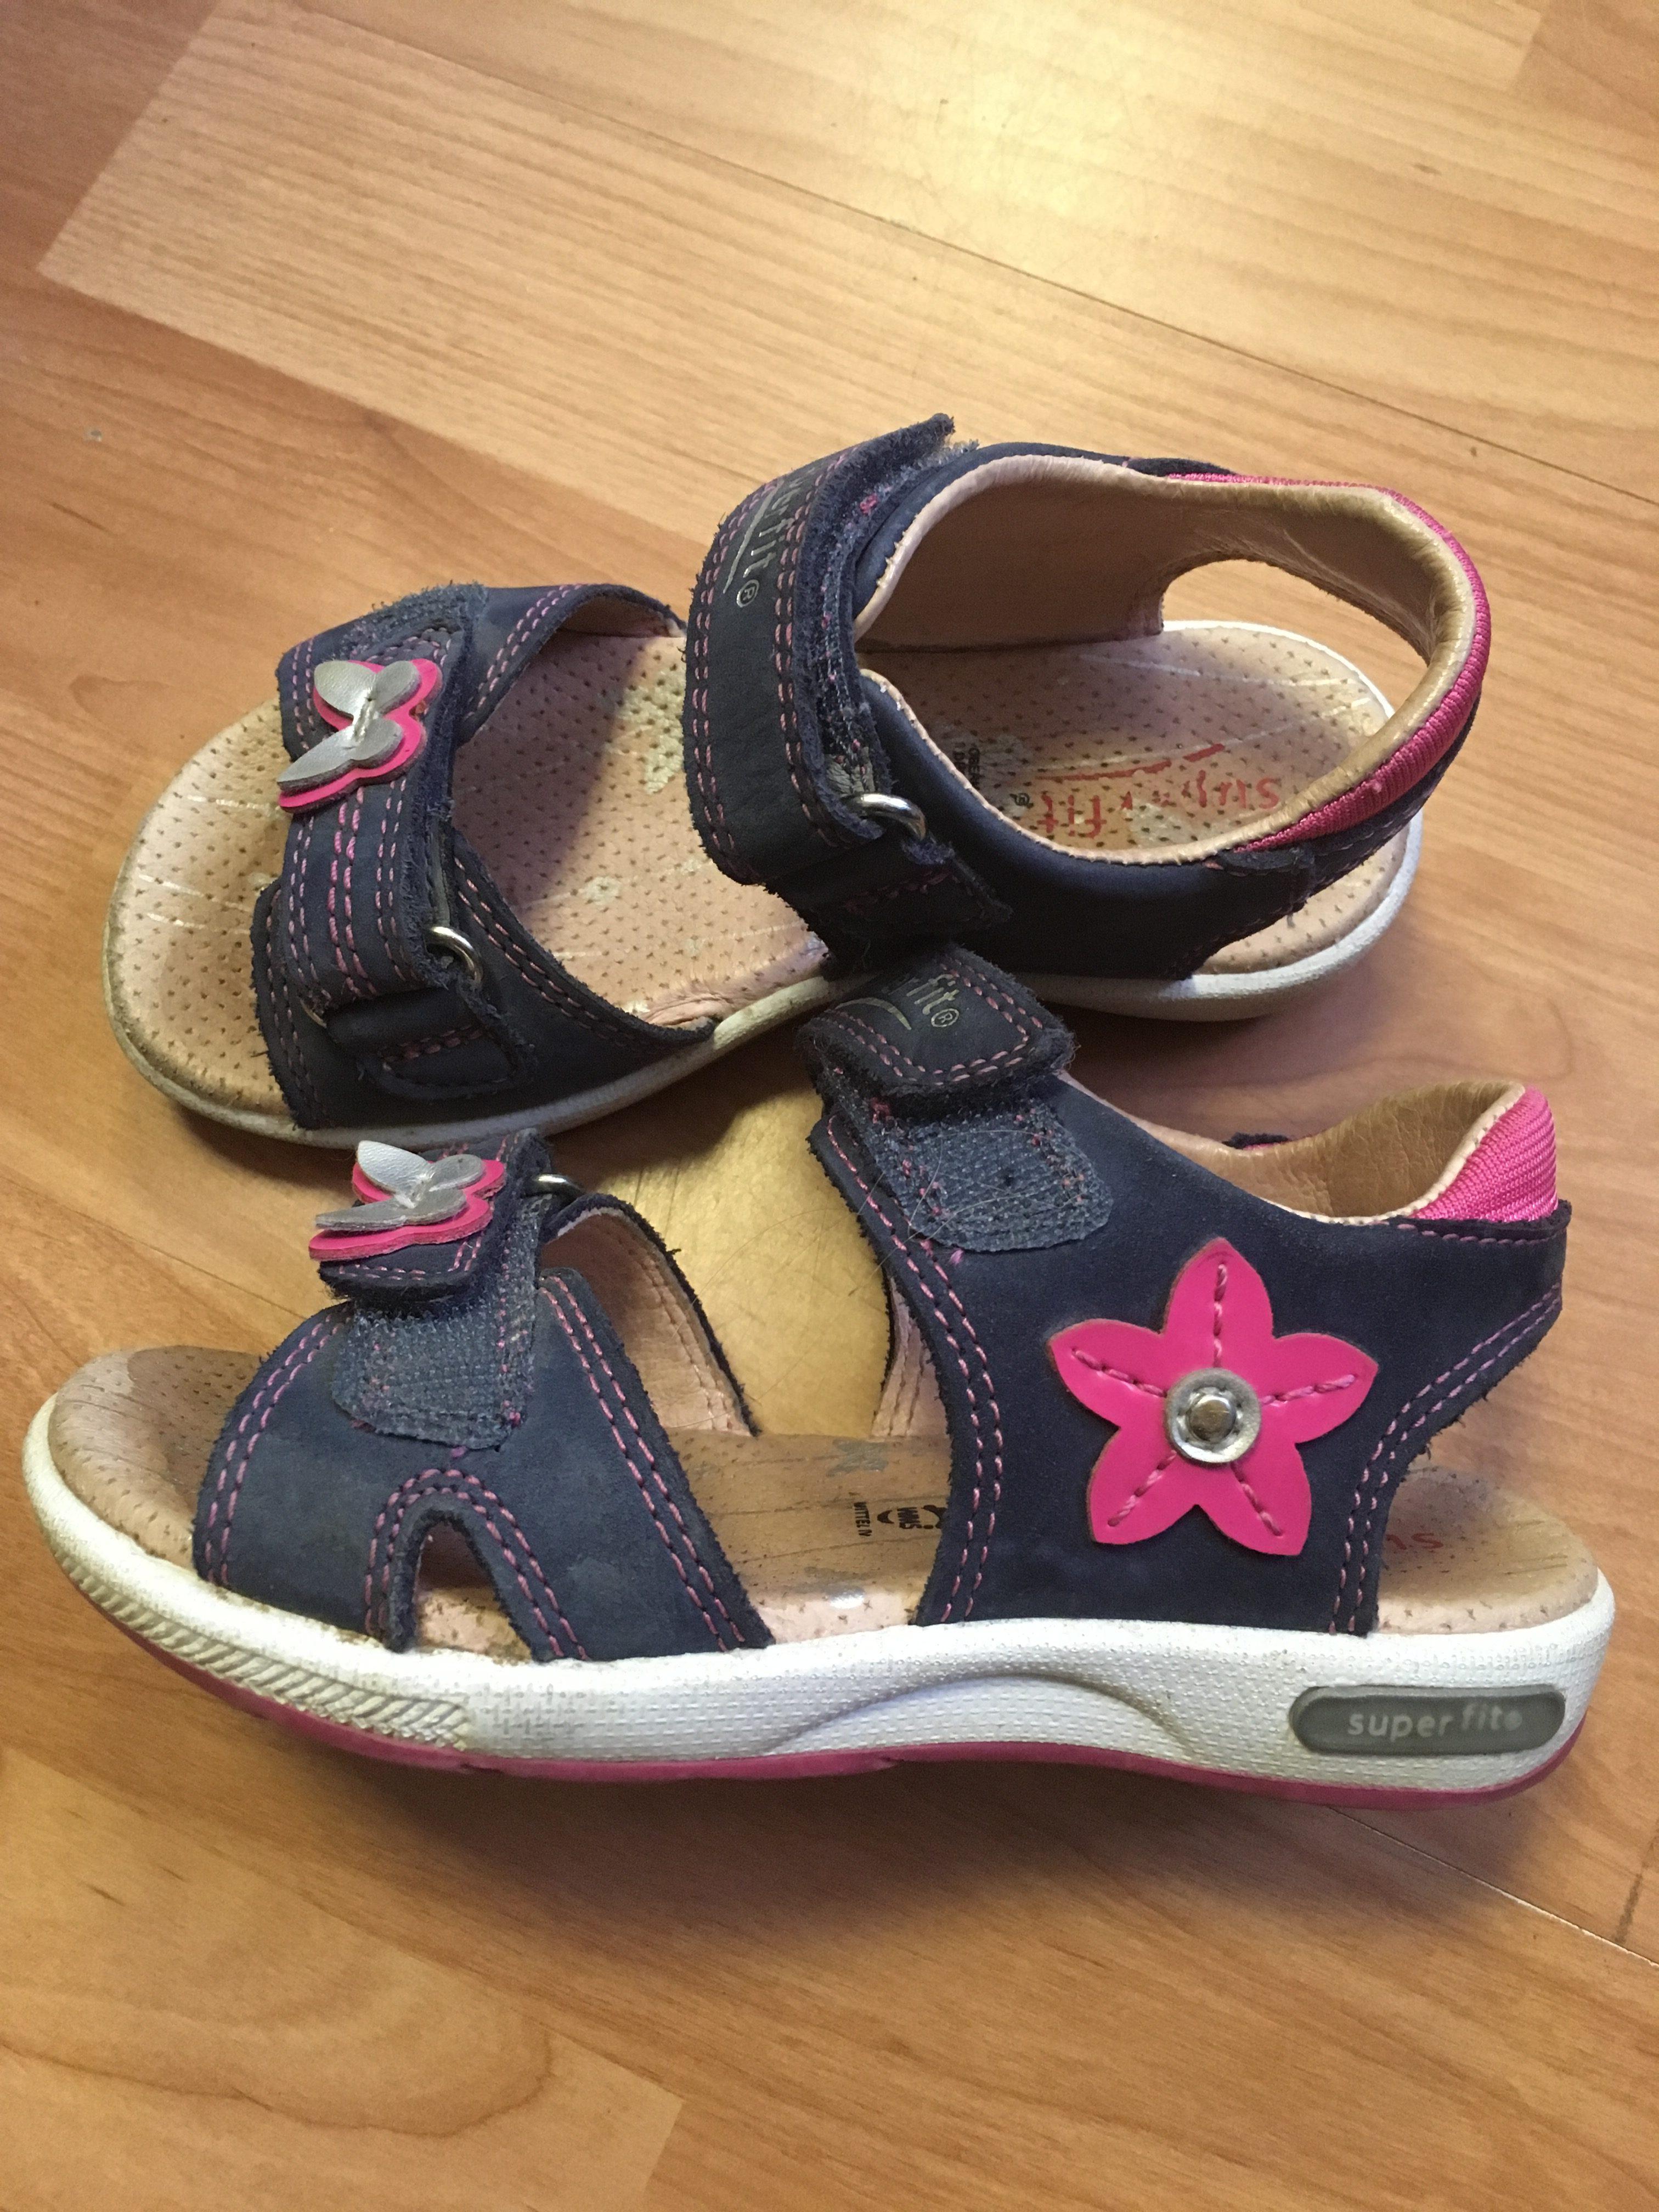 Sandále Superfit - Velký dětský bazar 9724c40b15